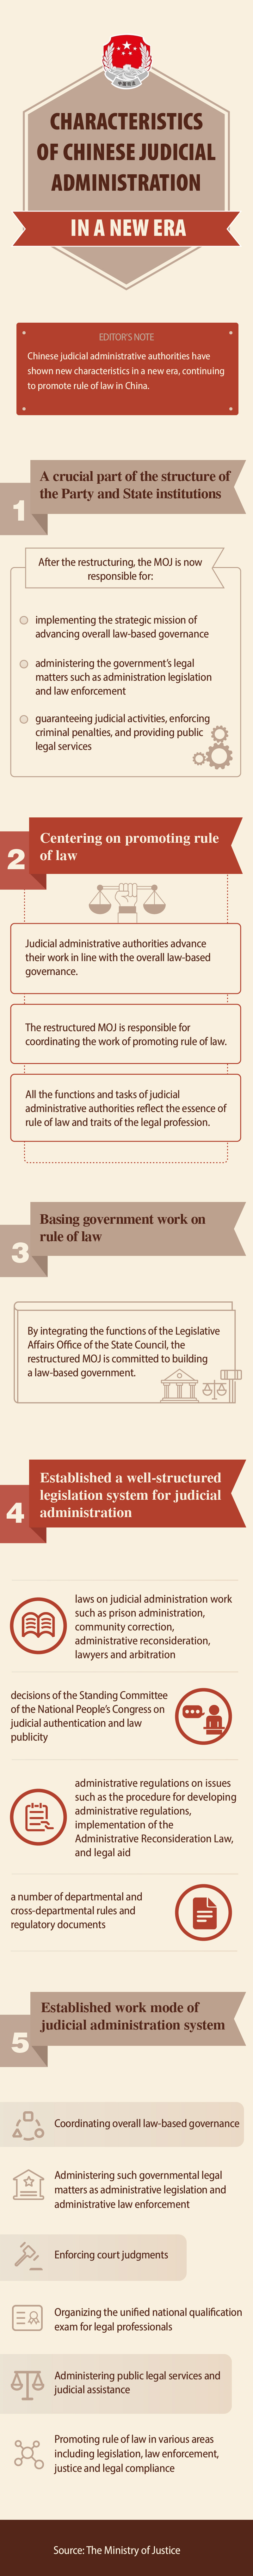 司法行政改革1111_图表.jpg